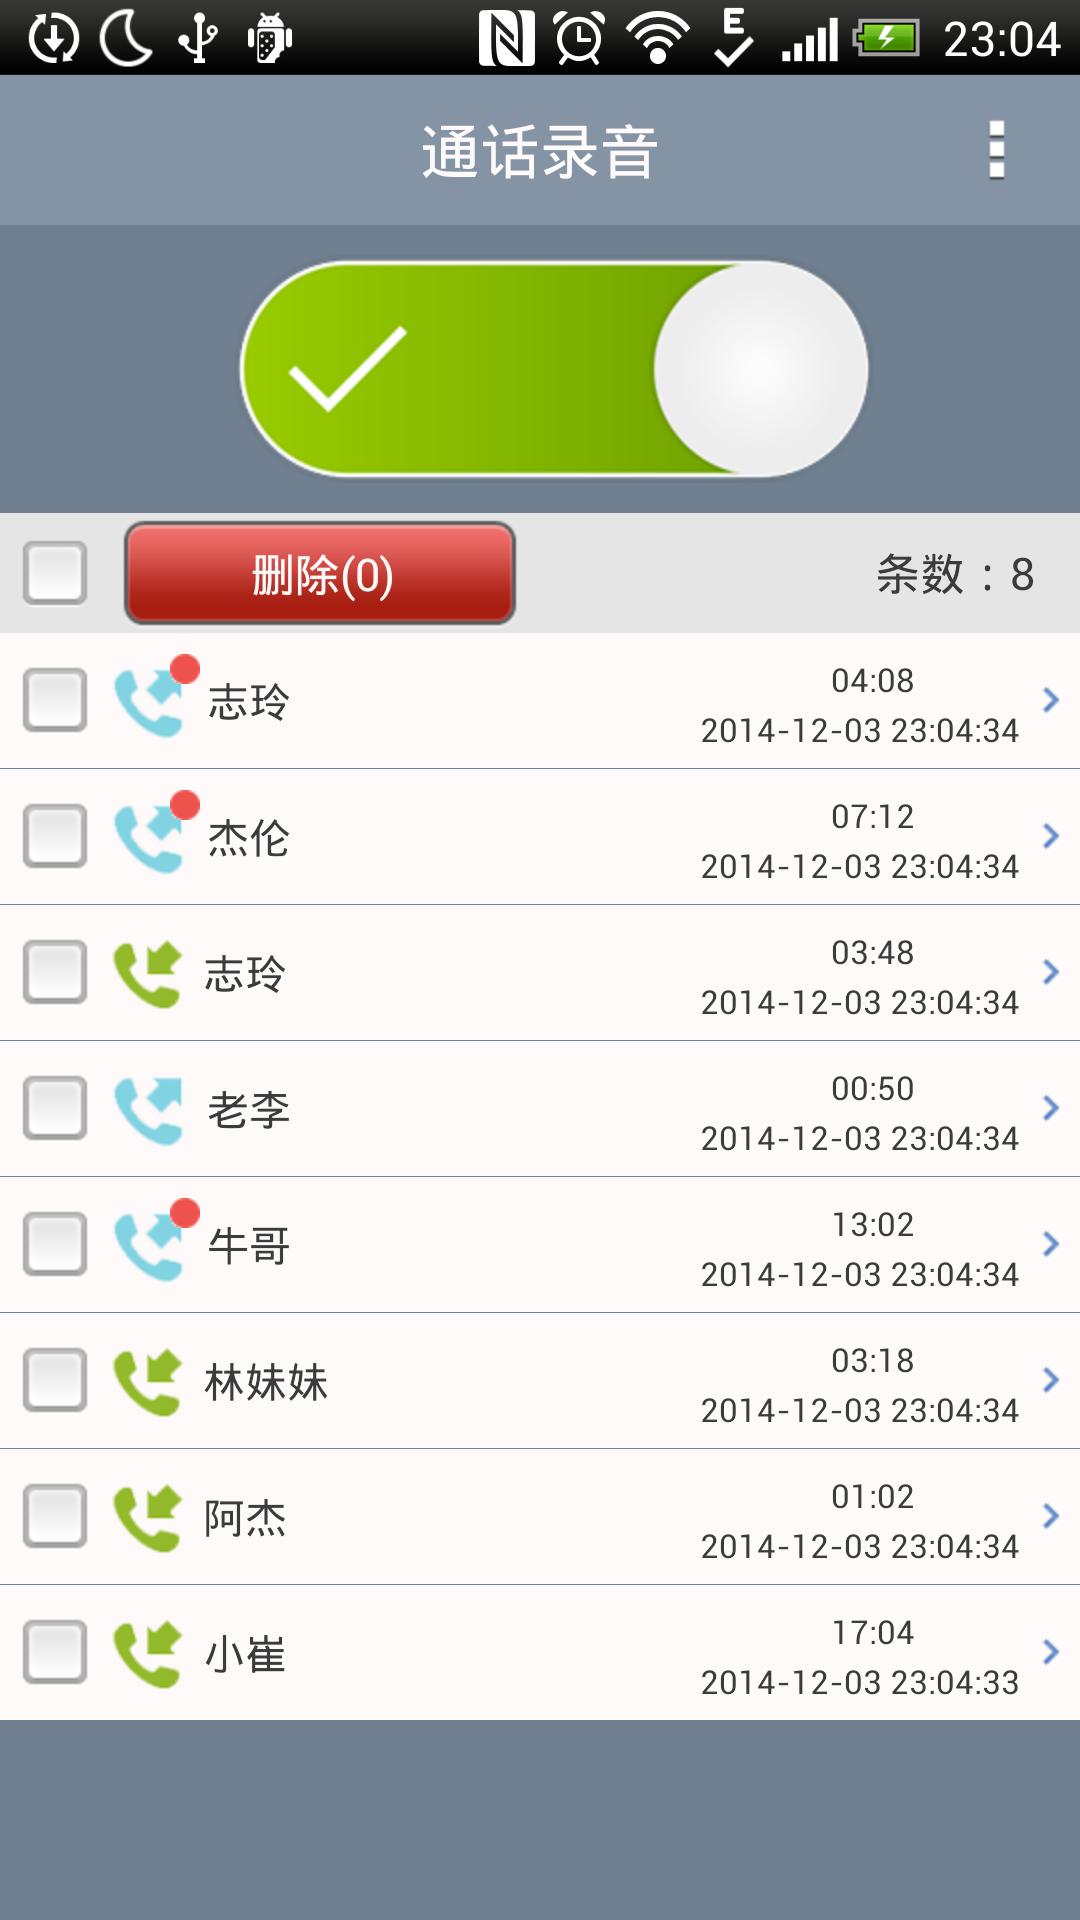 手机通话录音软件免费下载_手机通话录音软件免费下载